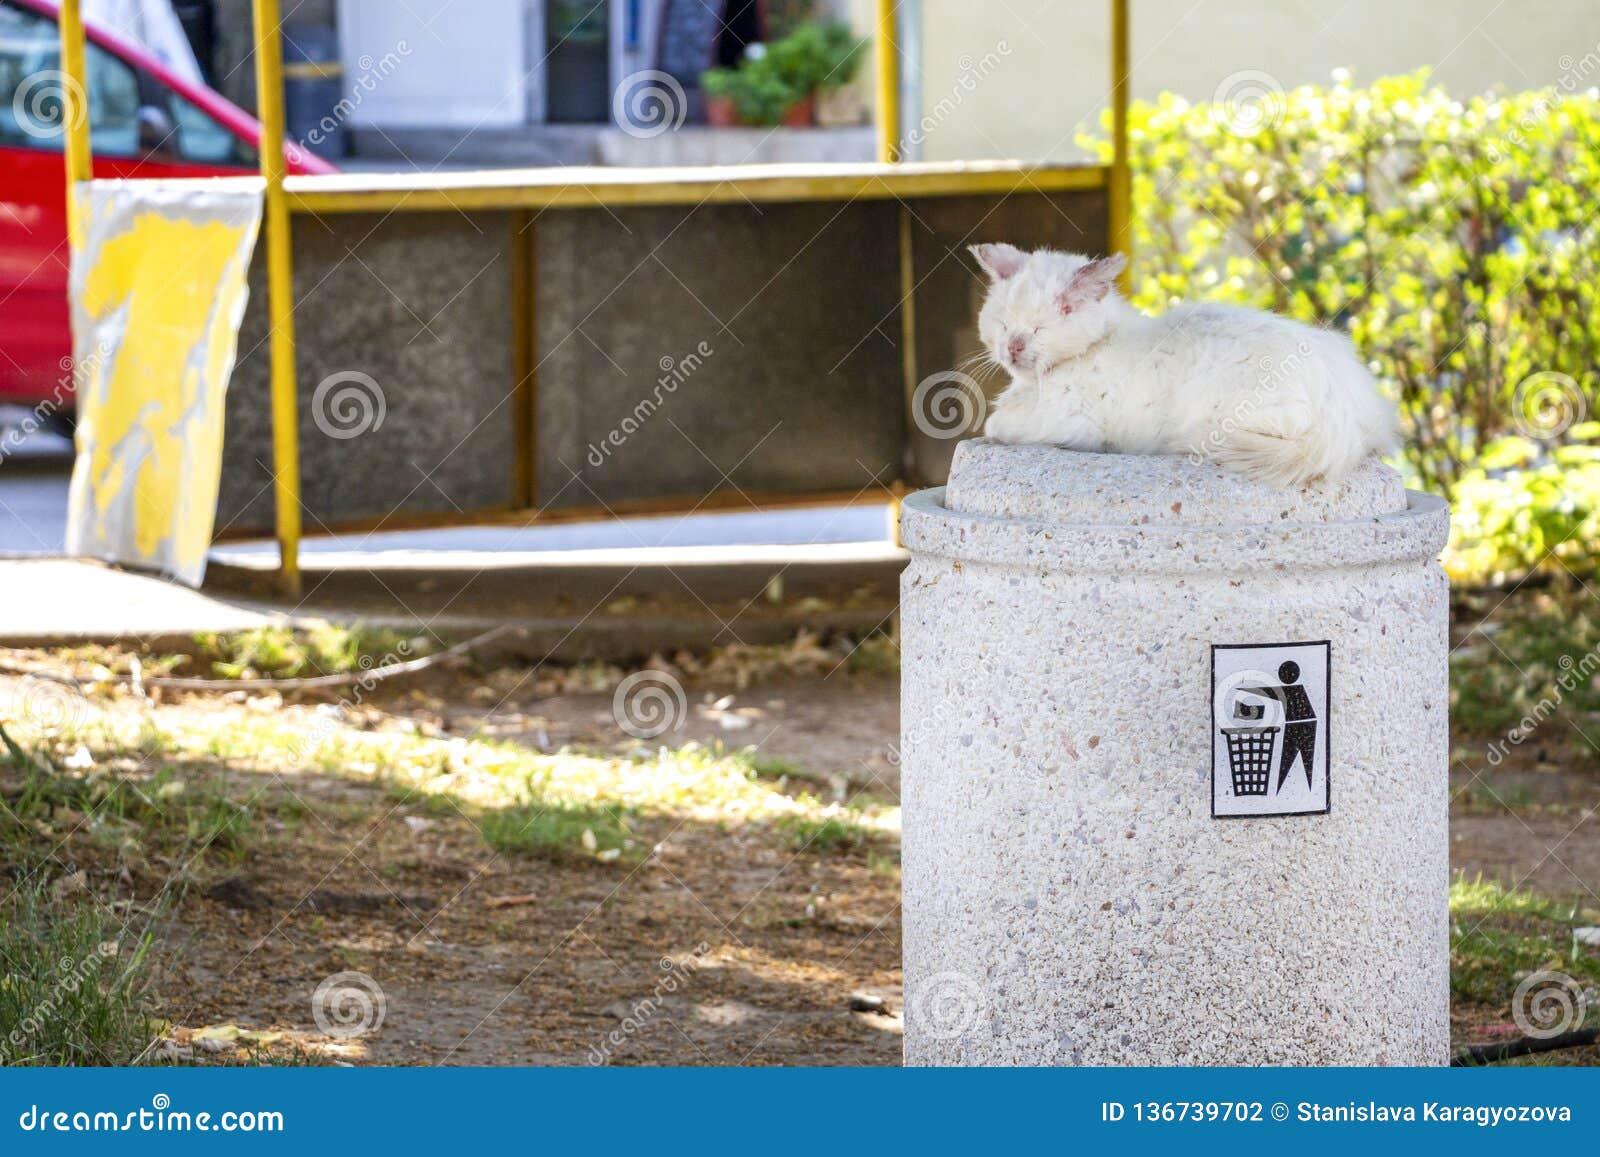 Bezpański raniący i chory biały długowłosy tomcat lying on the beach na ulicznym kuble na śmieci